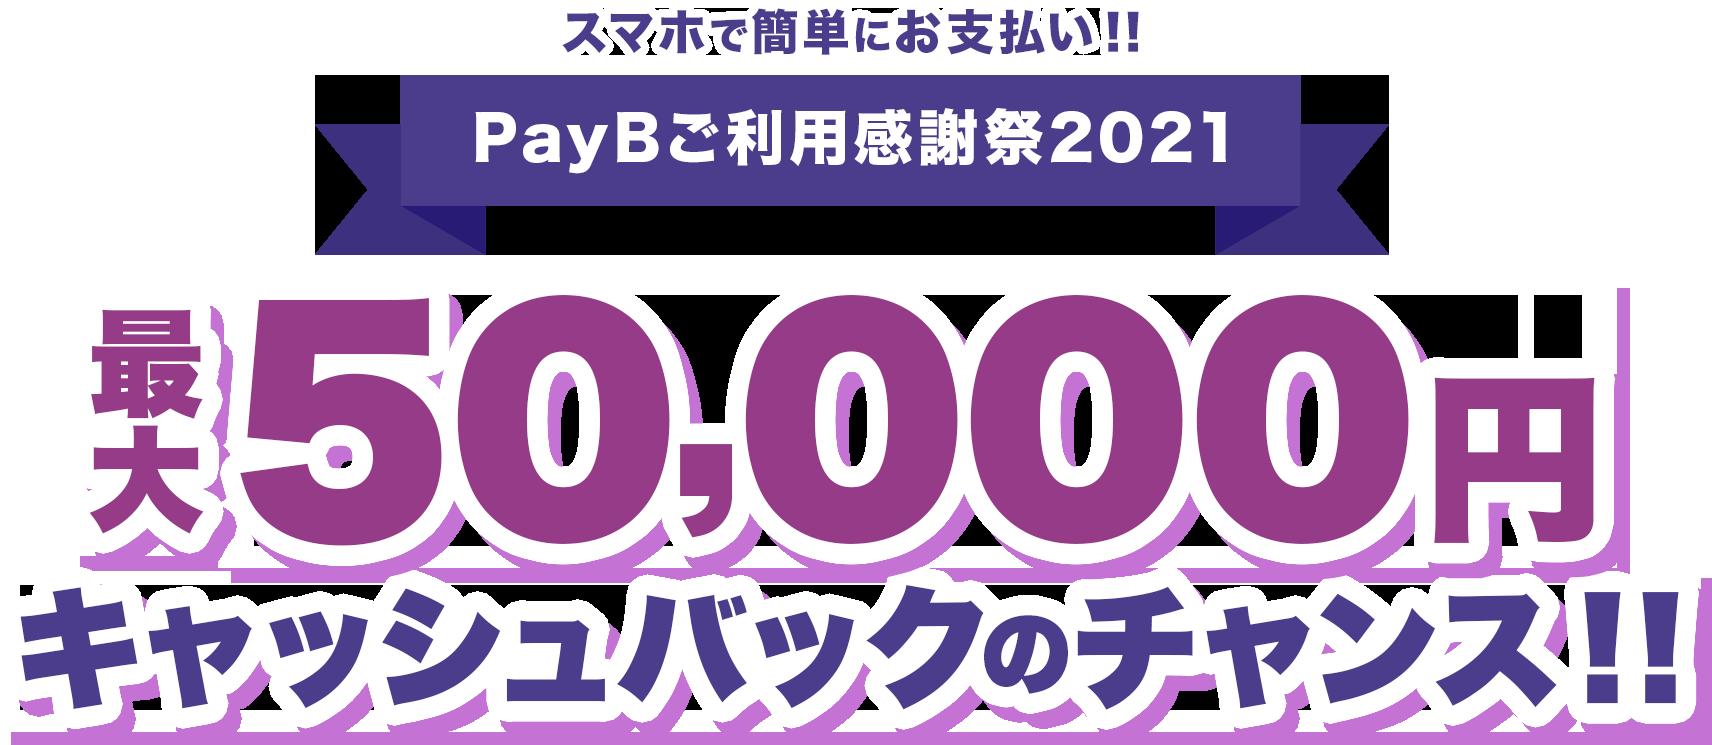 バーコード払い・収納代行決済サービスのPayBで、抽選で1000名に500円バック。最大5万円相当が当たる。~6/30。